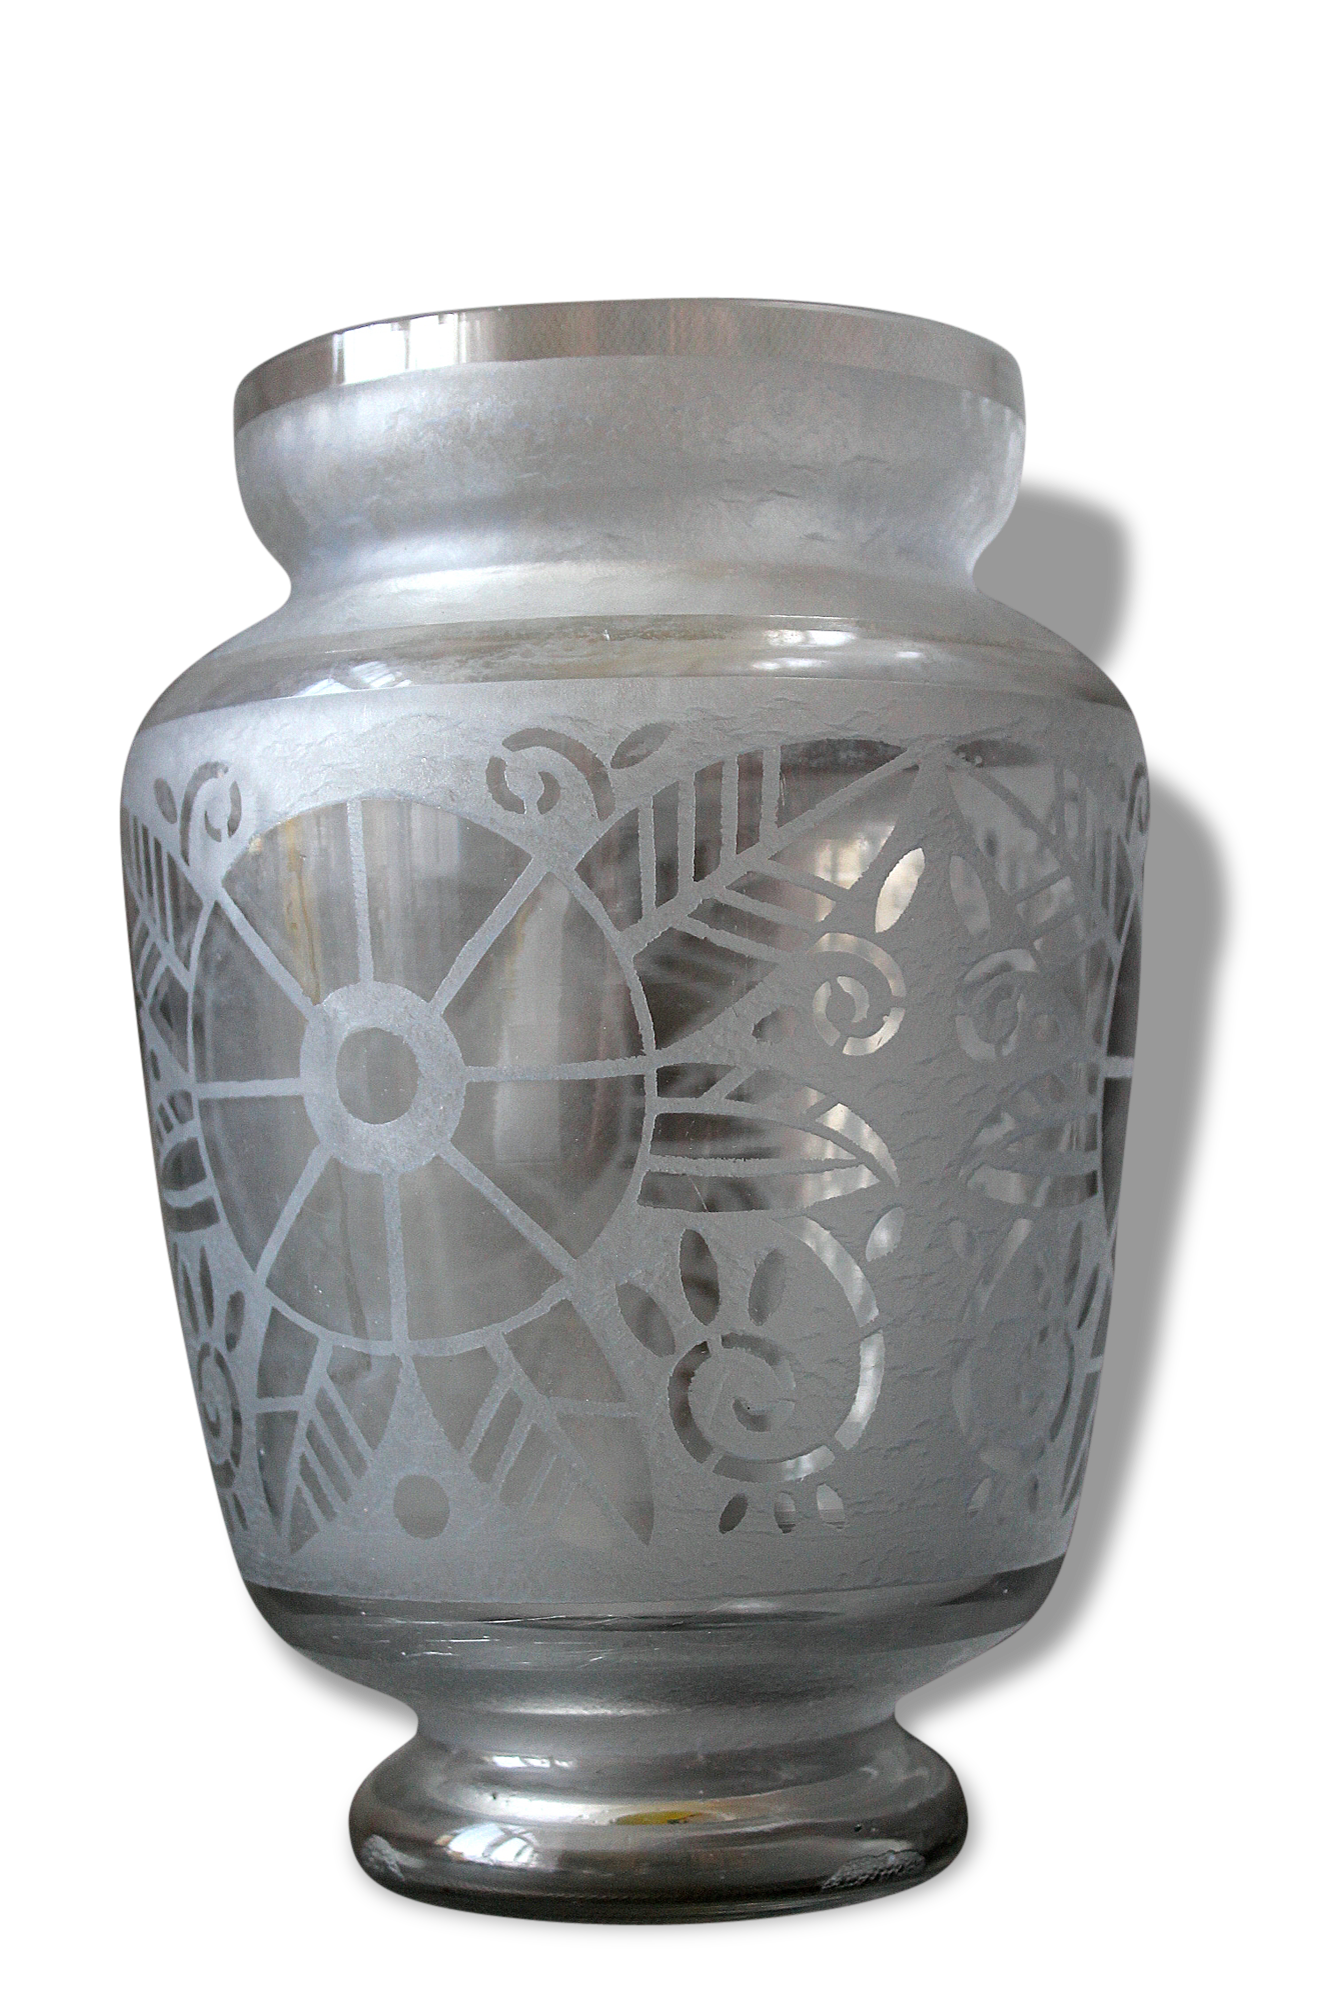 great deco dans grand vase en verre en ce qui concerne deco grand vase en verre with grand vase